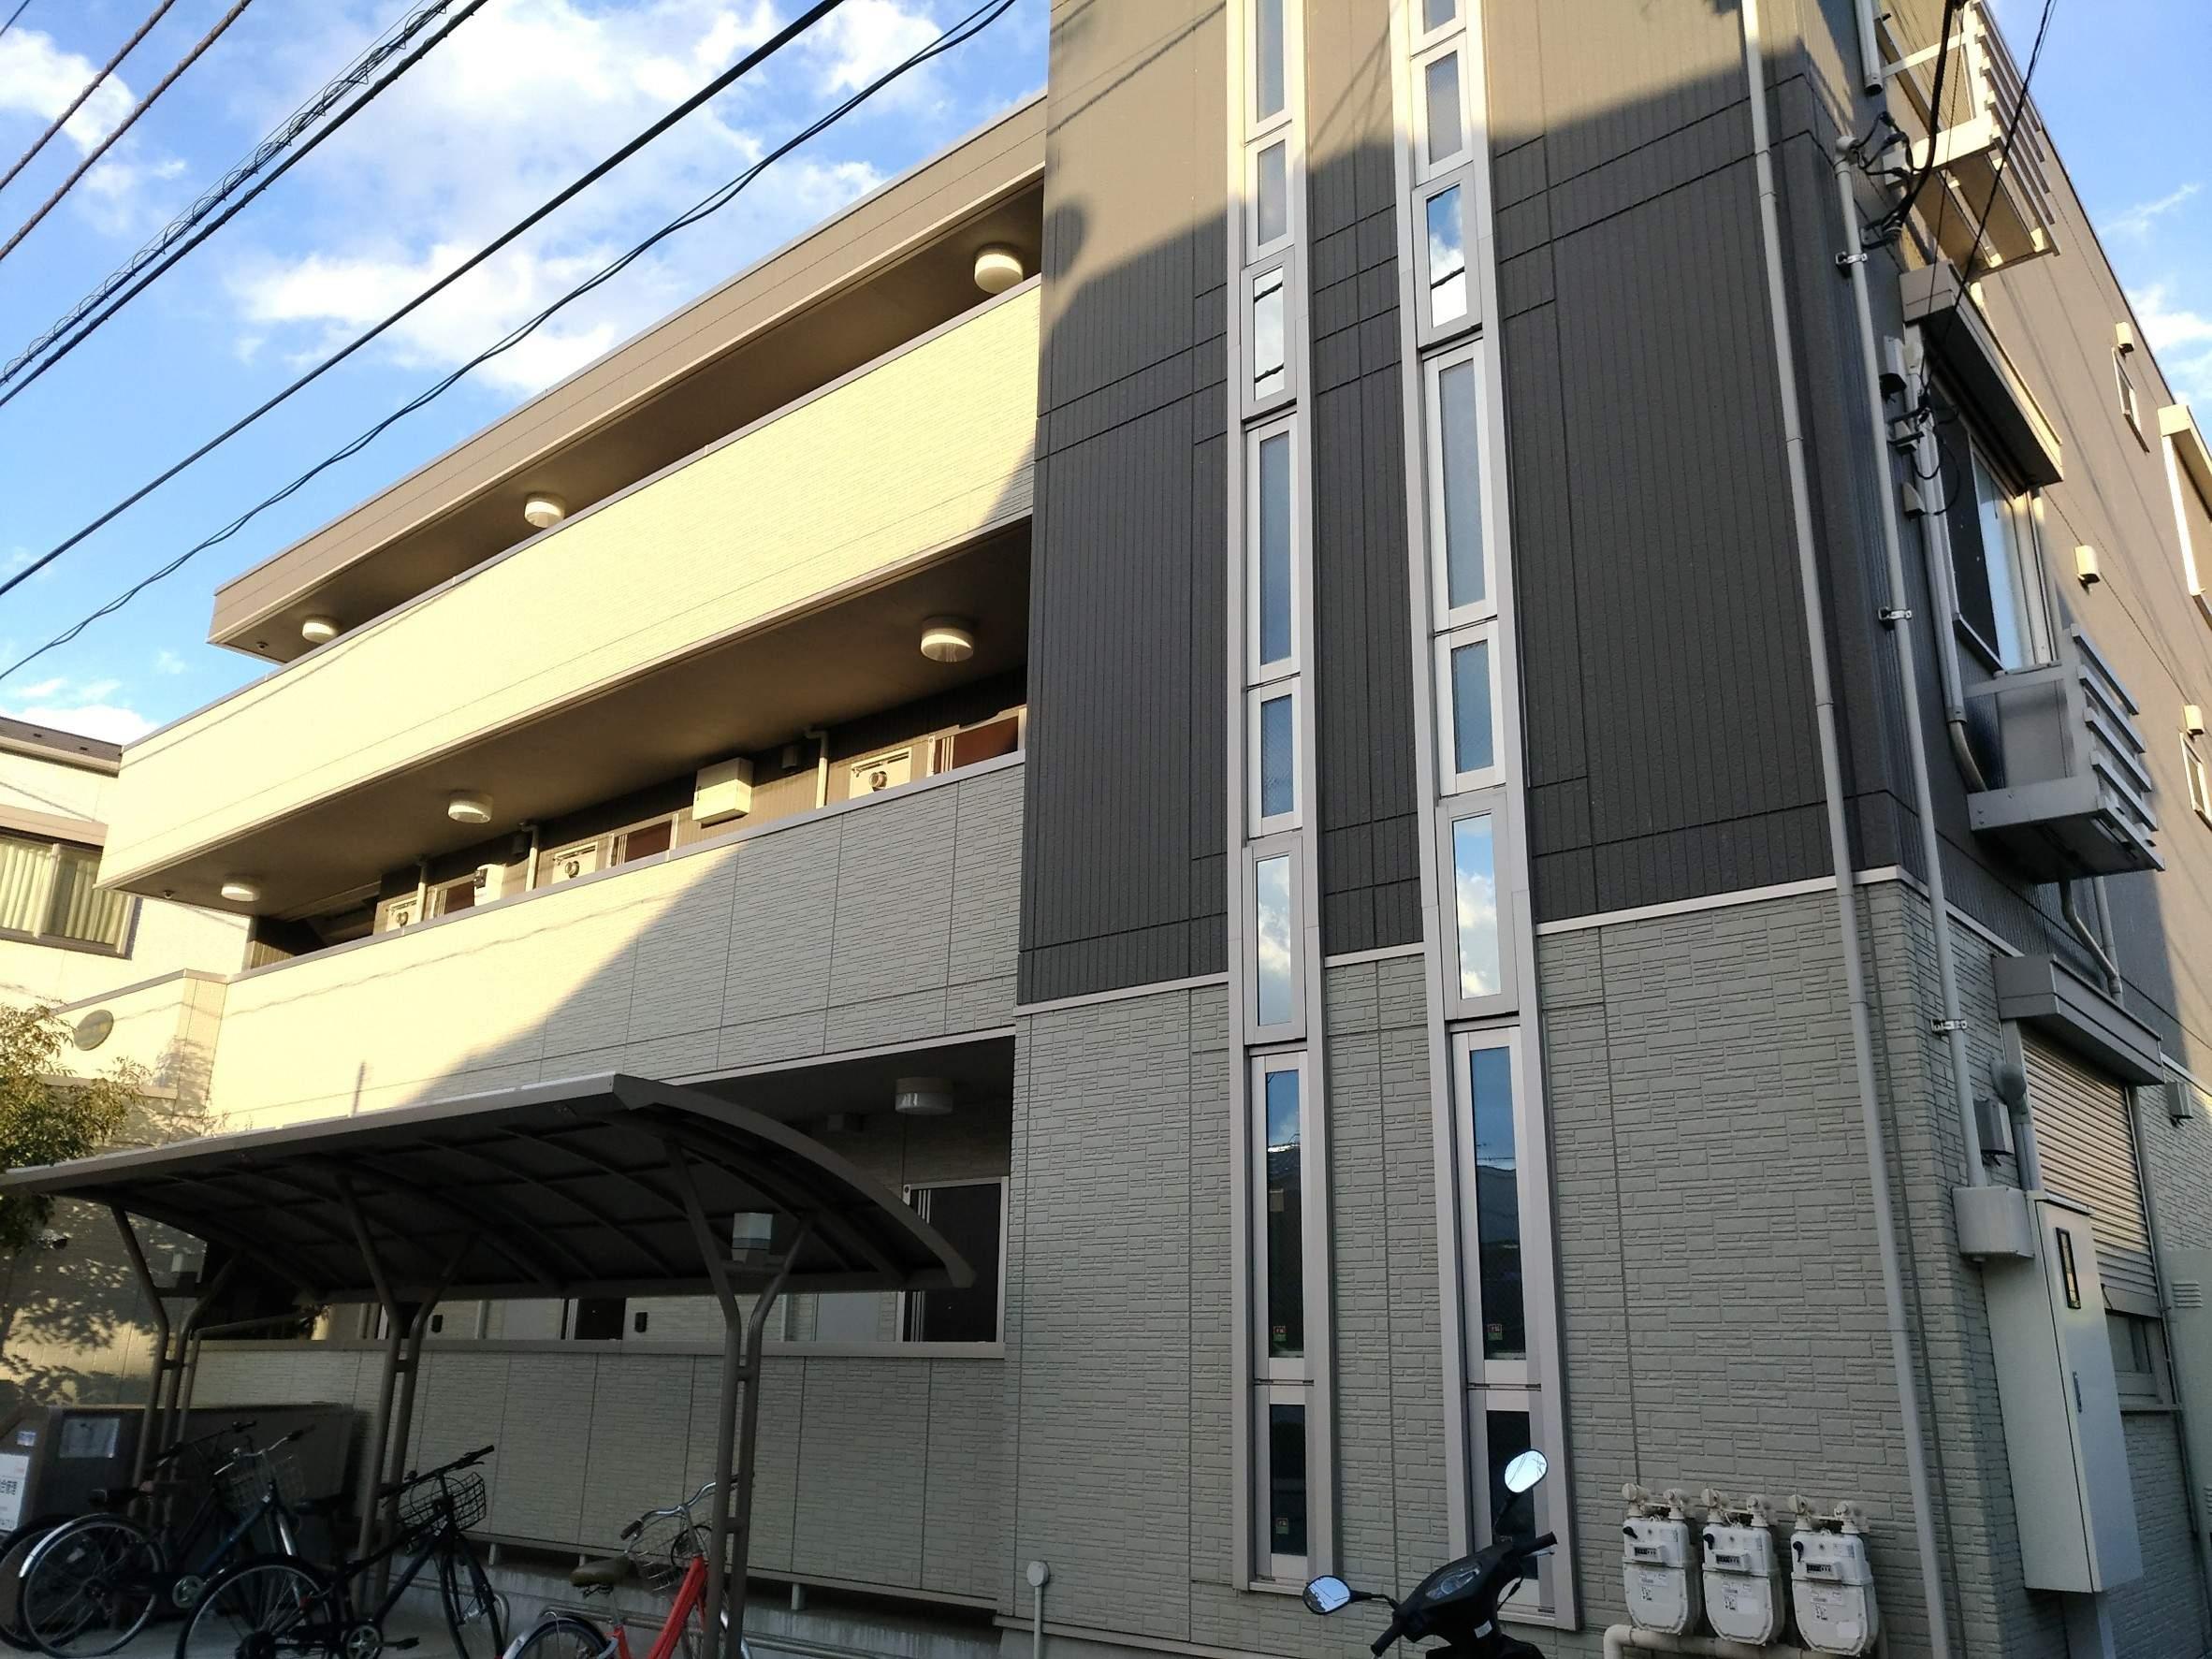 神奈川県川崎市幸区、矢向駅徒歩20分の築4年 3階建の賃貸アパート